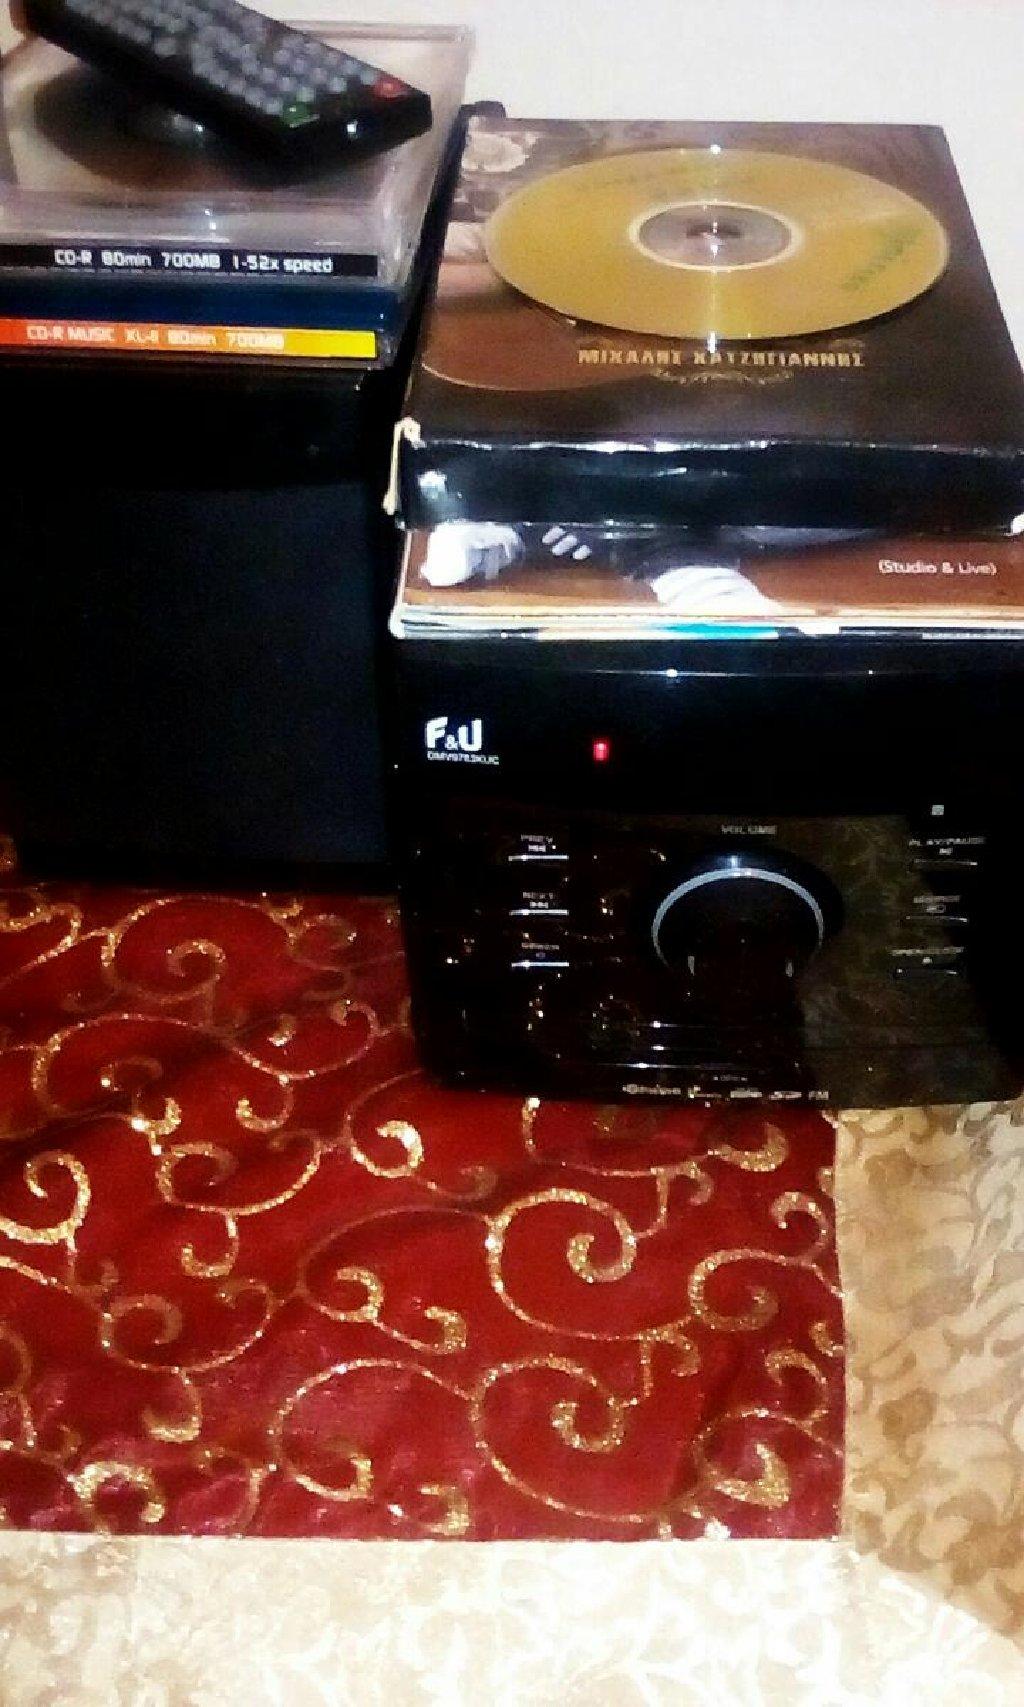 Μινι ραδιο CD MB3 player F&U με δυο ηχεια και τηλεκοντρολ 2 χρονια εγγυηση καινουριο